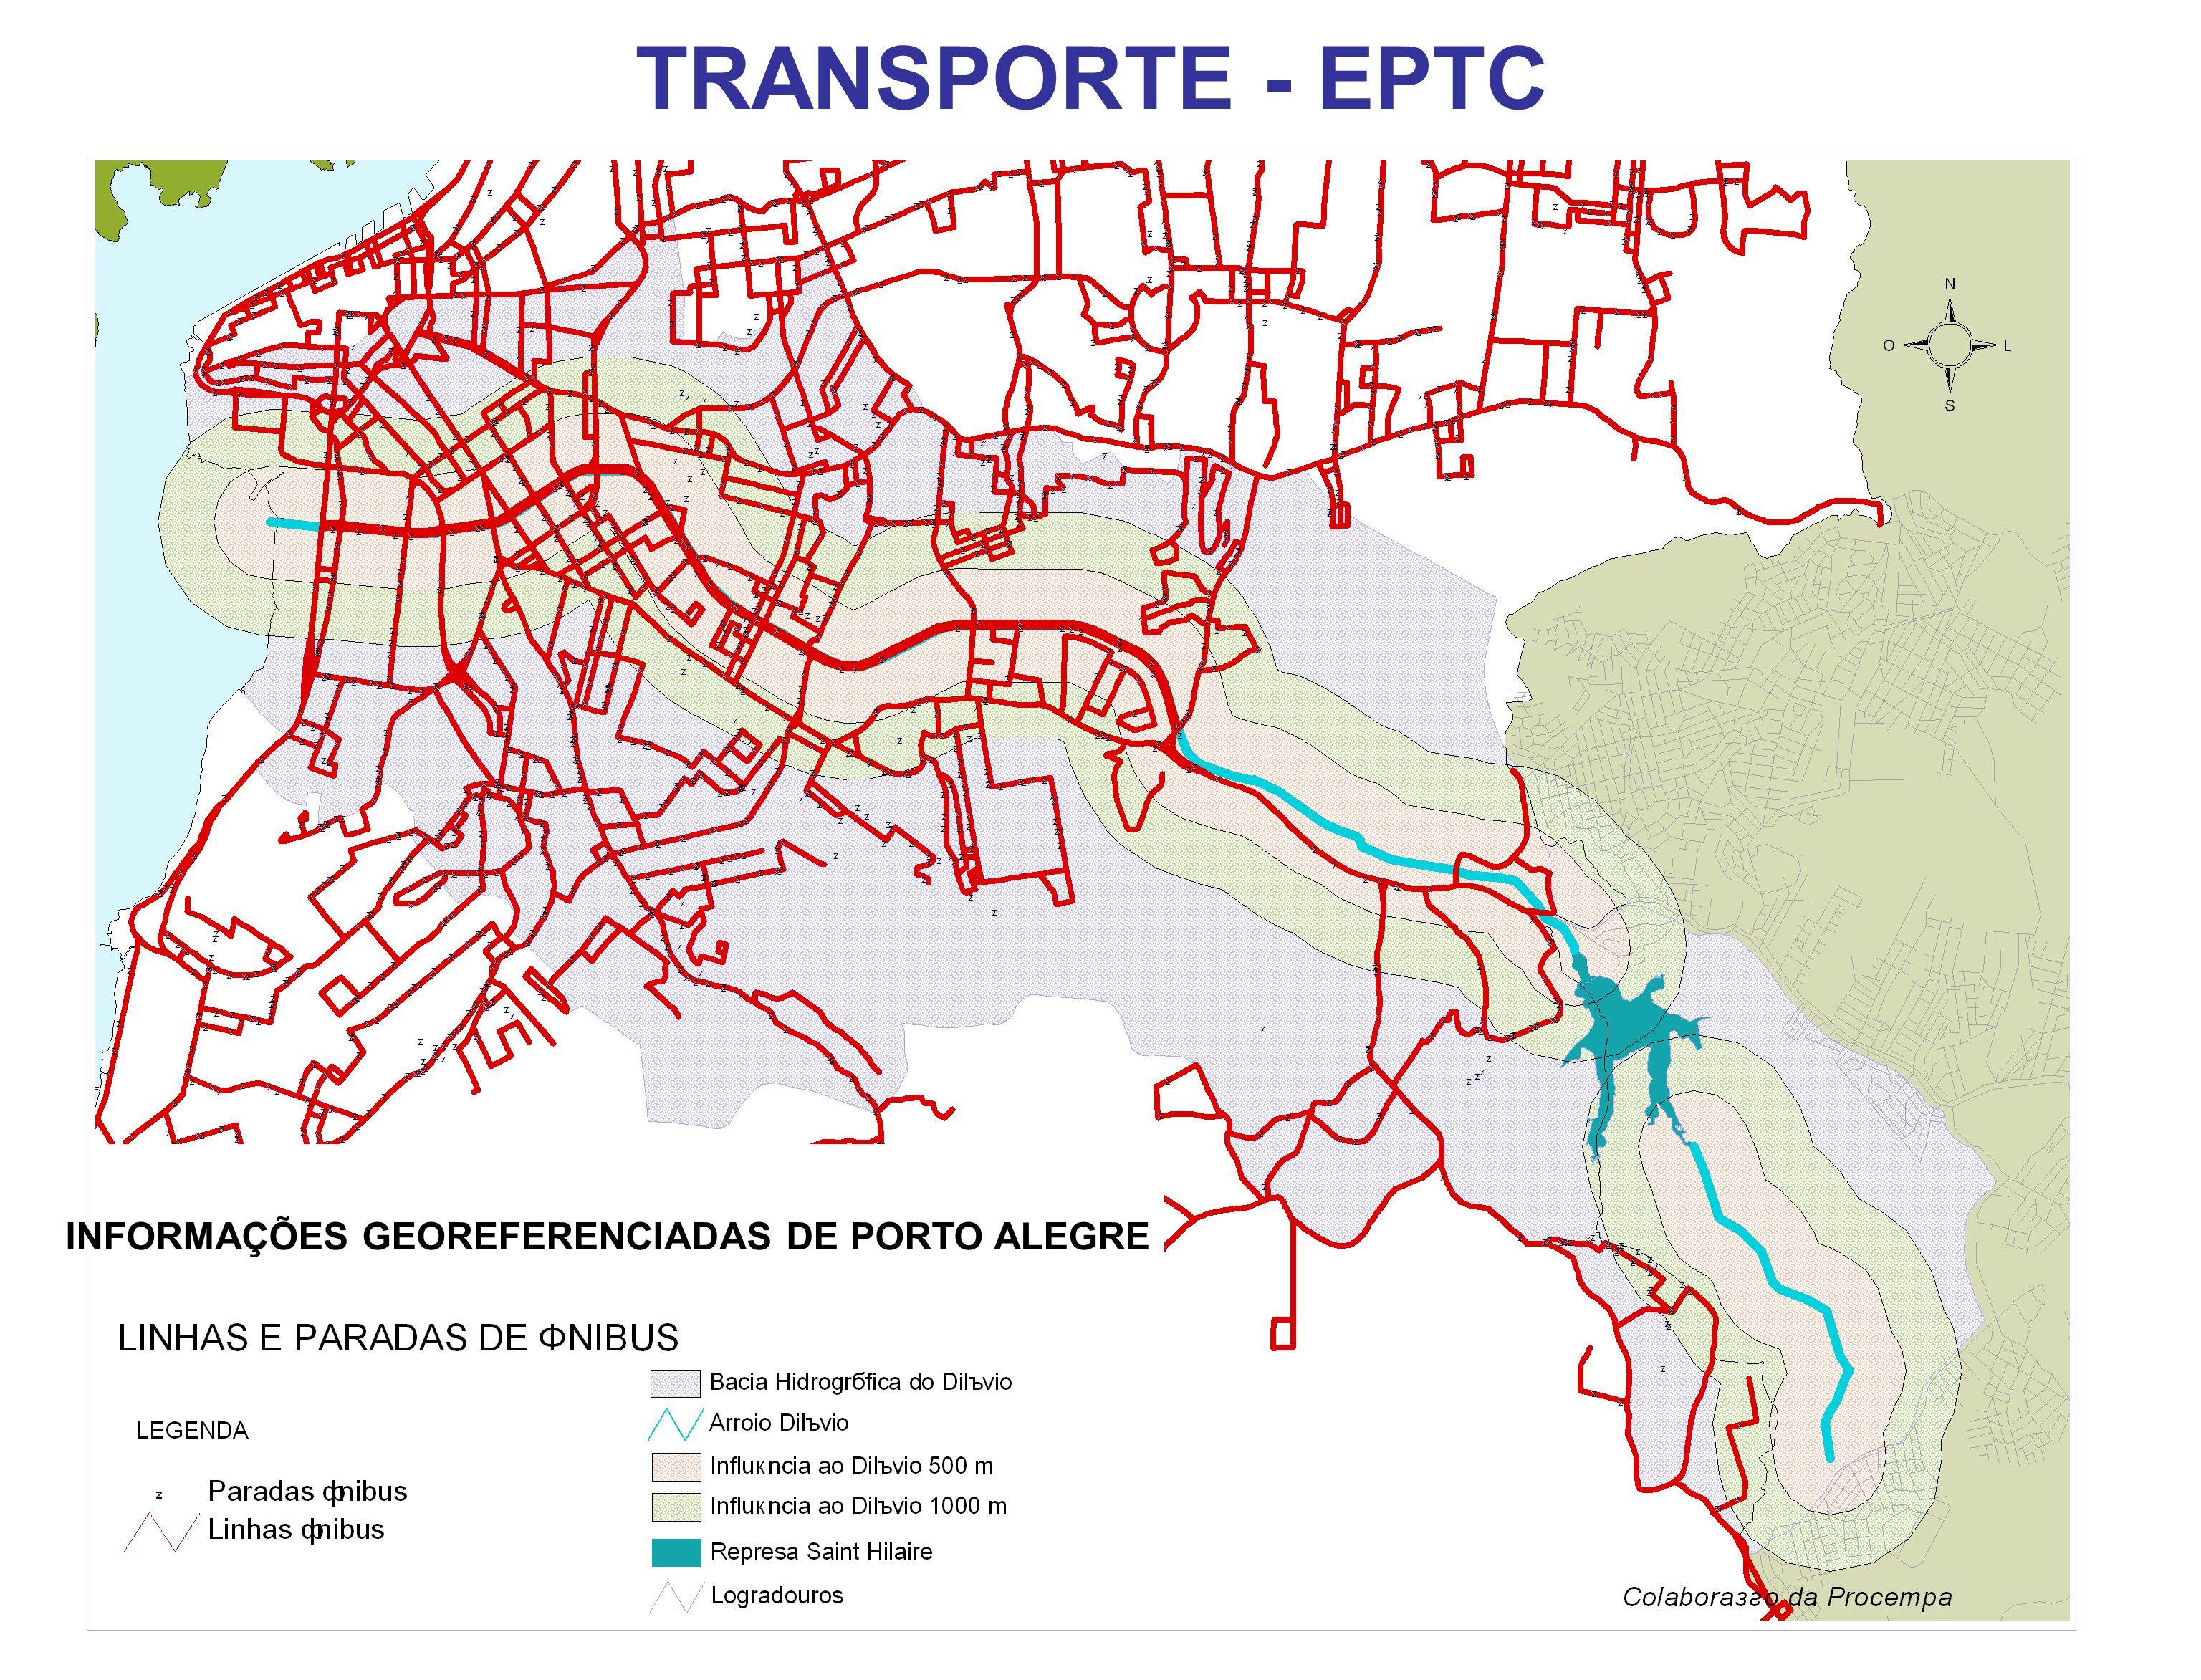 TRANSPORTE - EPTC INFORMAÇÕES GEOREFERENCIADAS DE PORTO ALEGRE